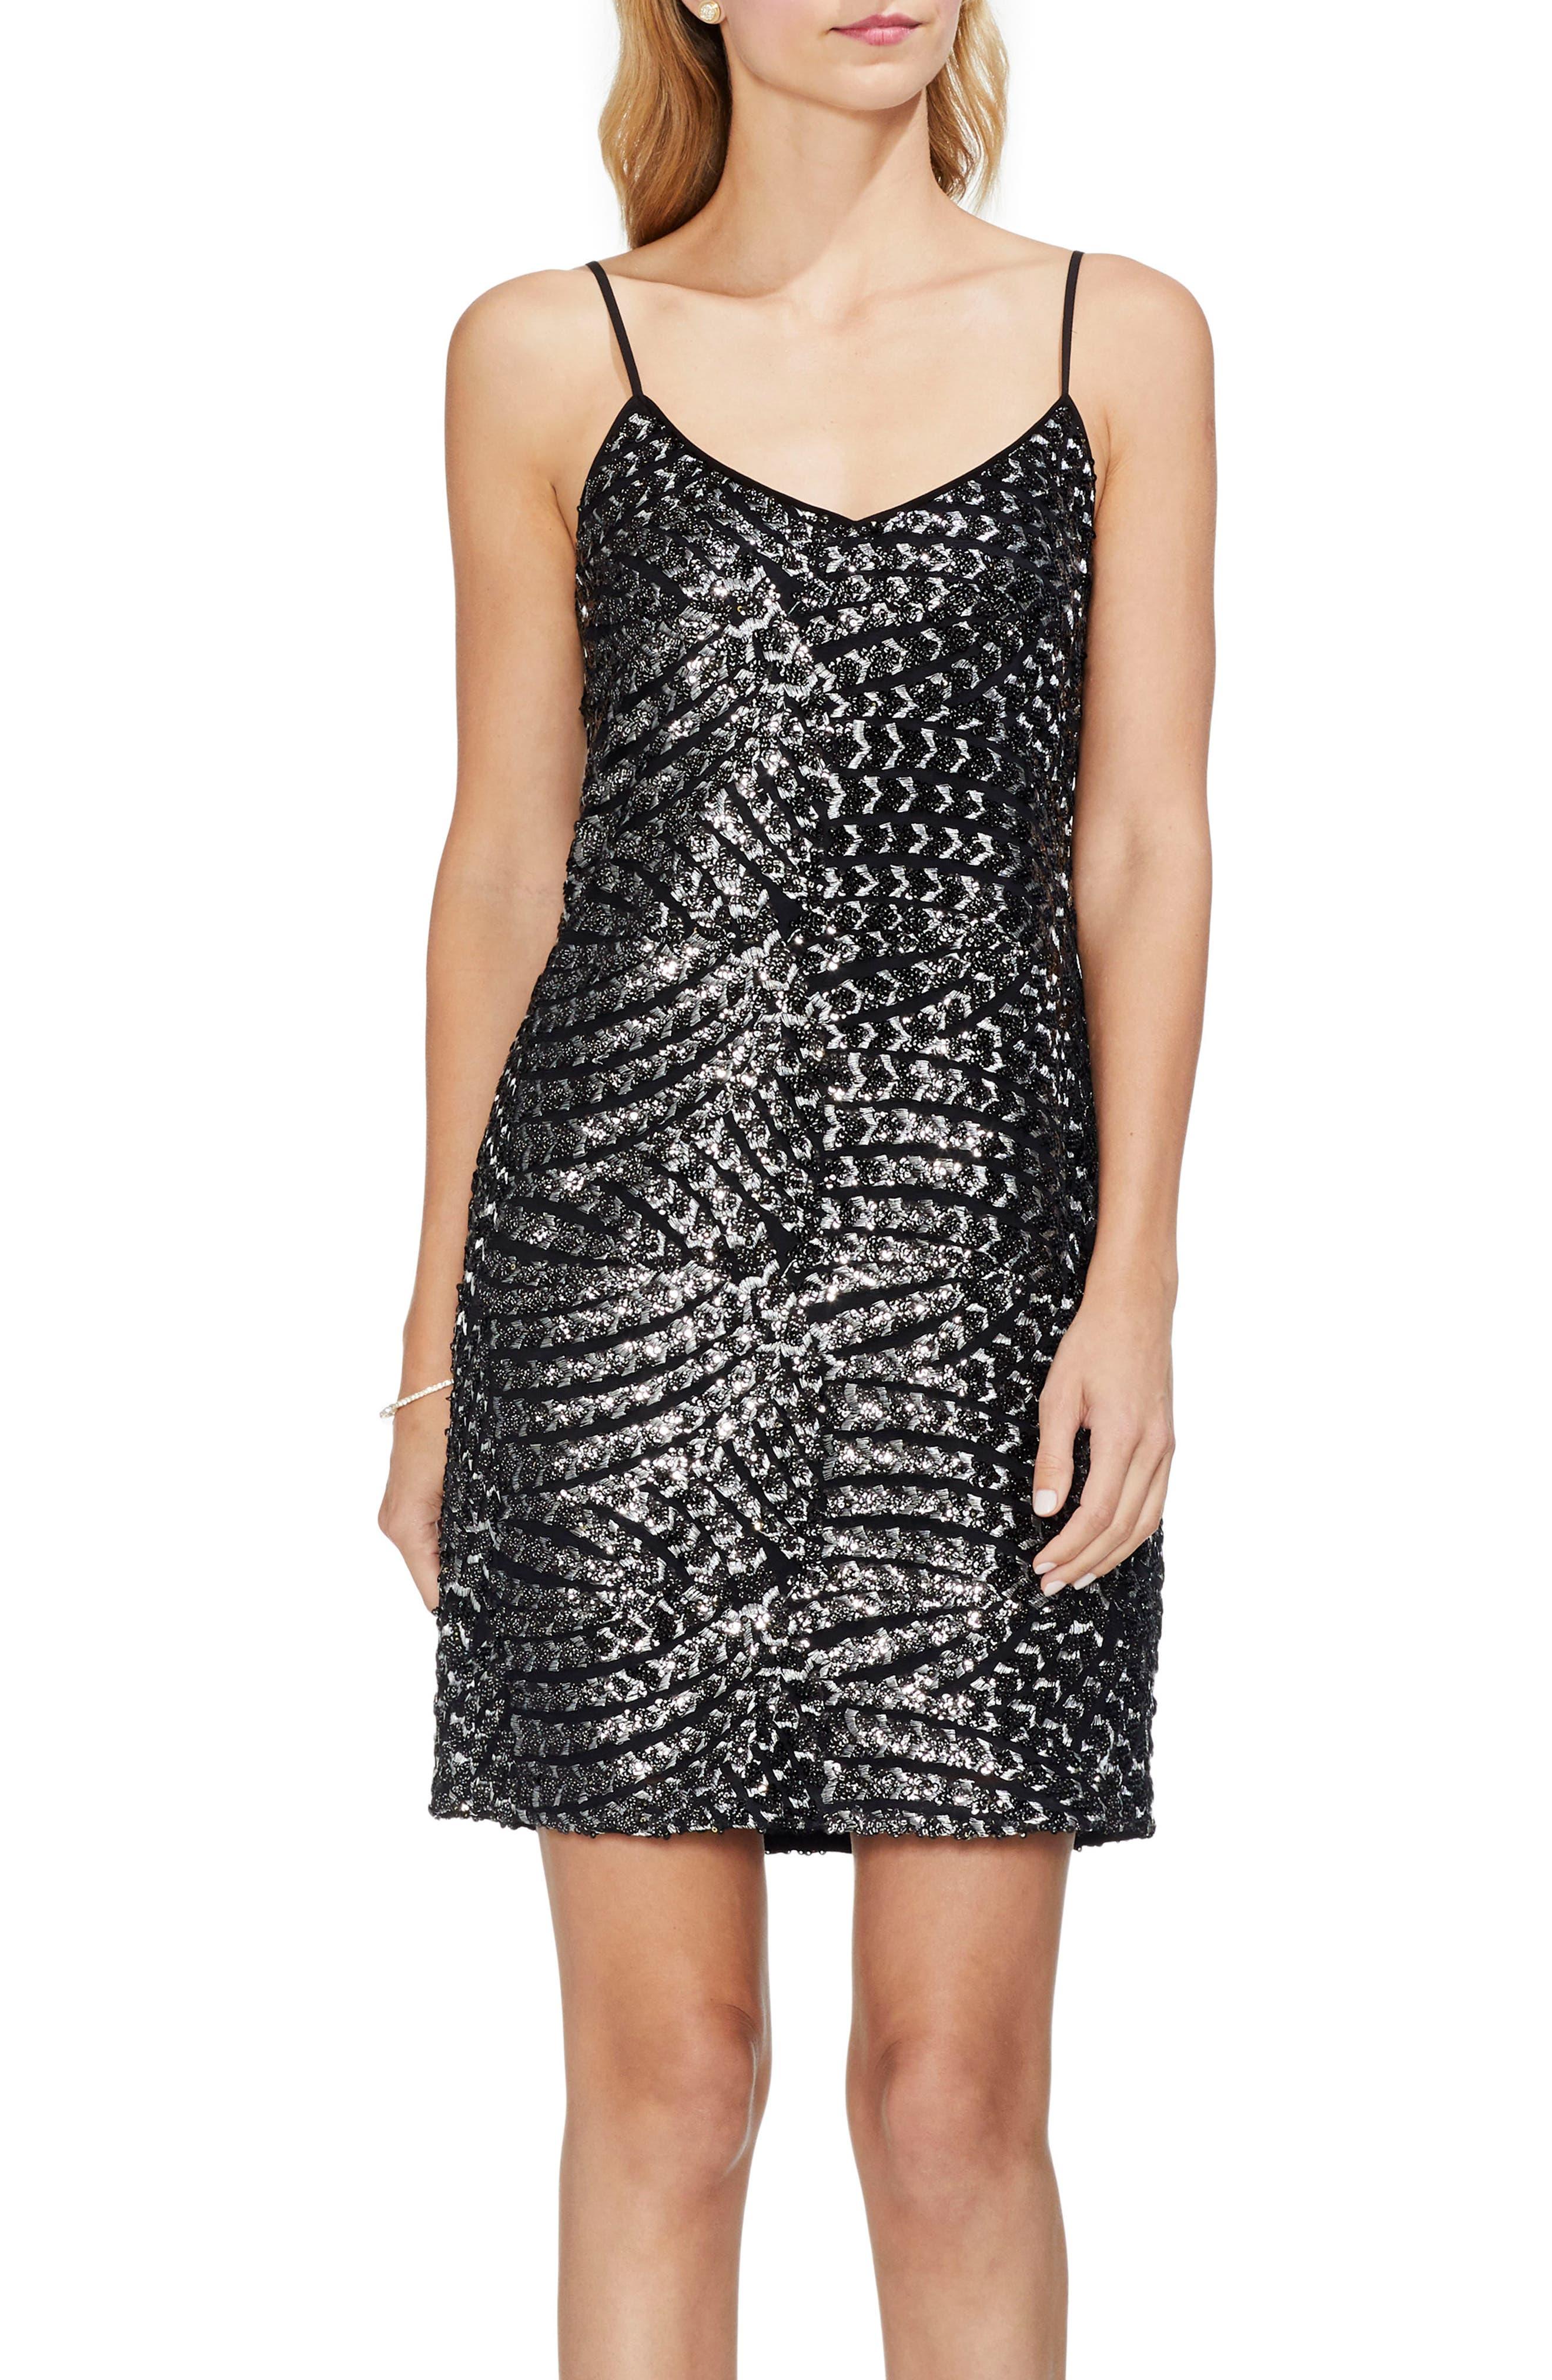 Silver Fan Sequin Camisole Dress,                             Alternate thumbnail 3, color,                             RICH BLACK